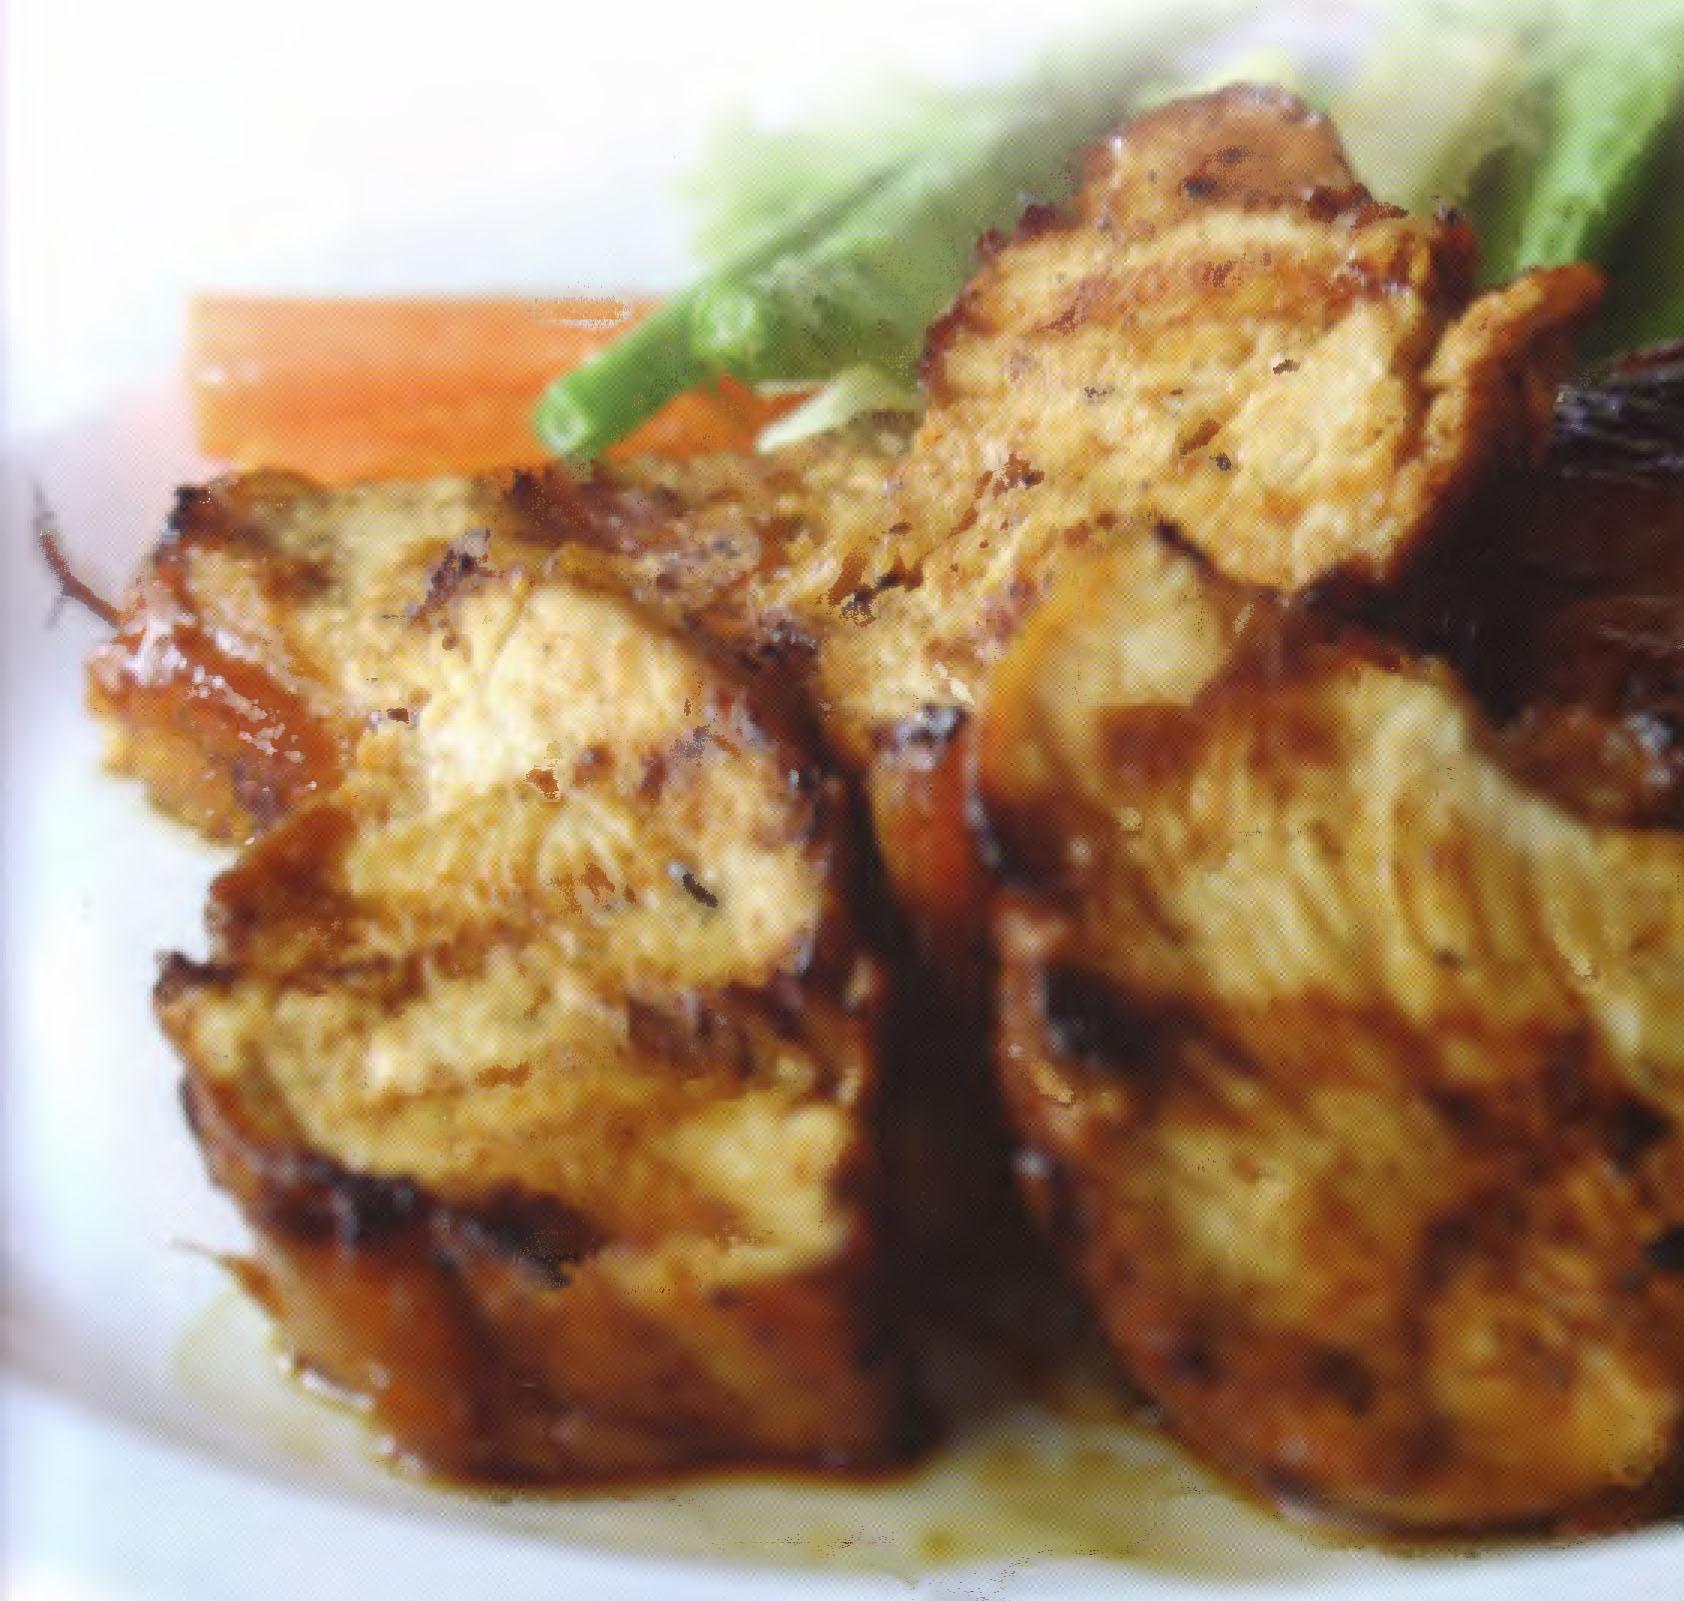 resep-ayam-panggang-saus-barbeque